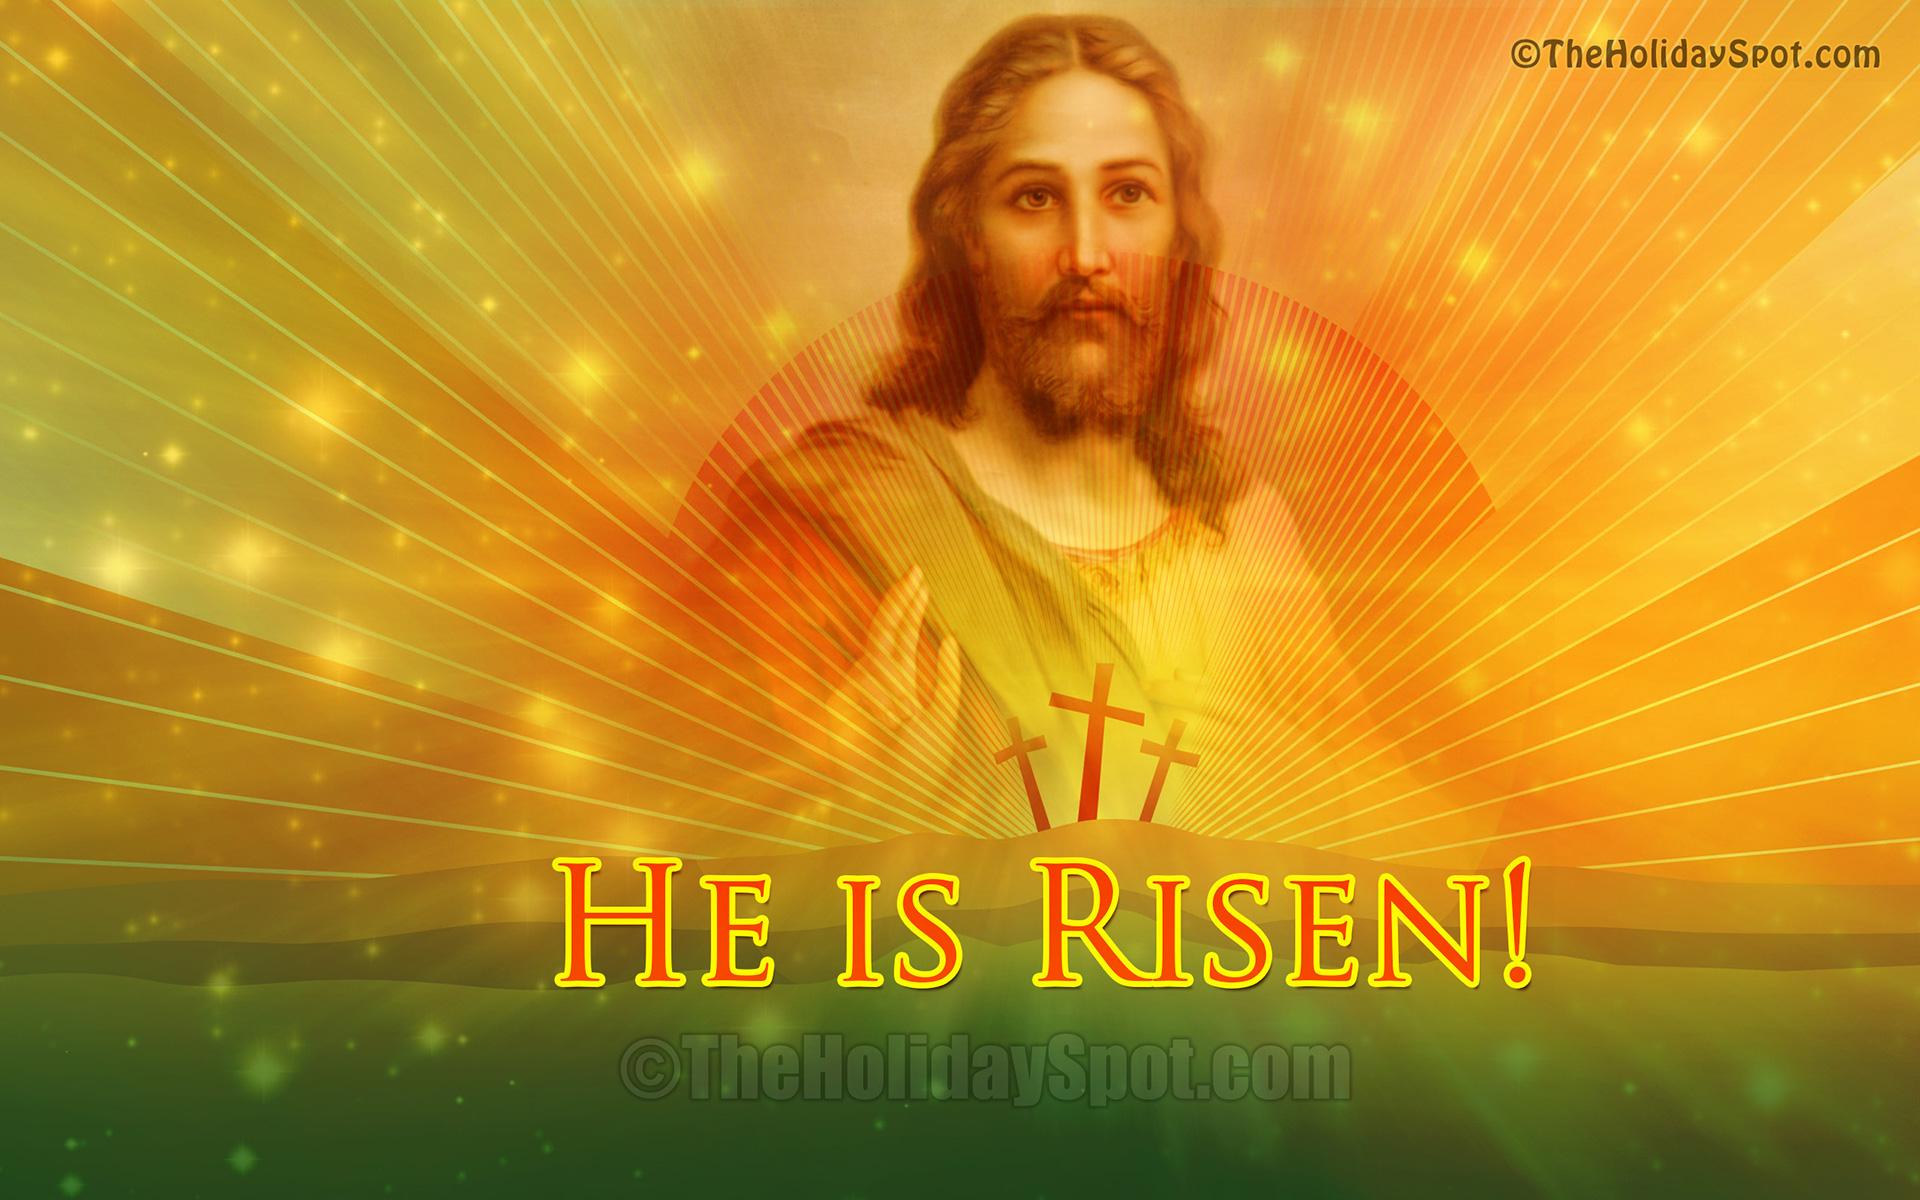 He is Risen - Easter Wallpaper of Jesus